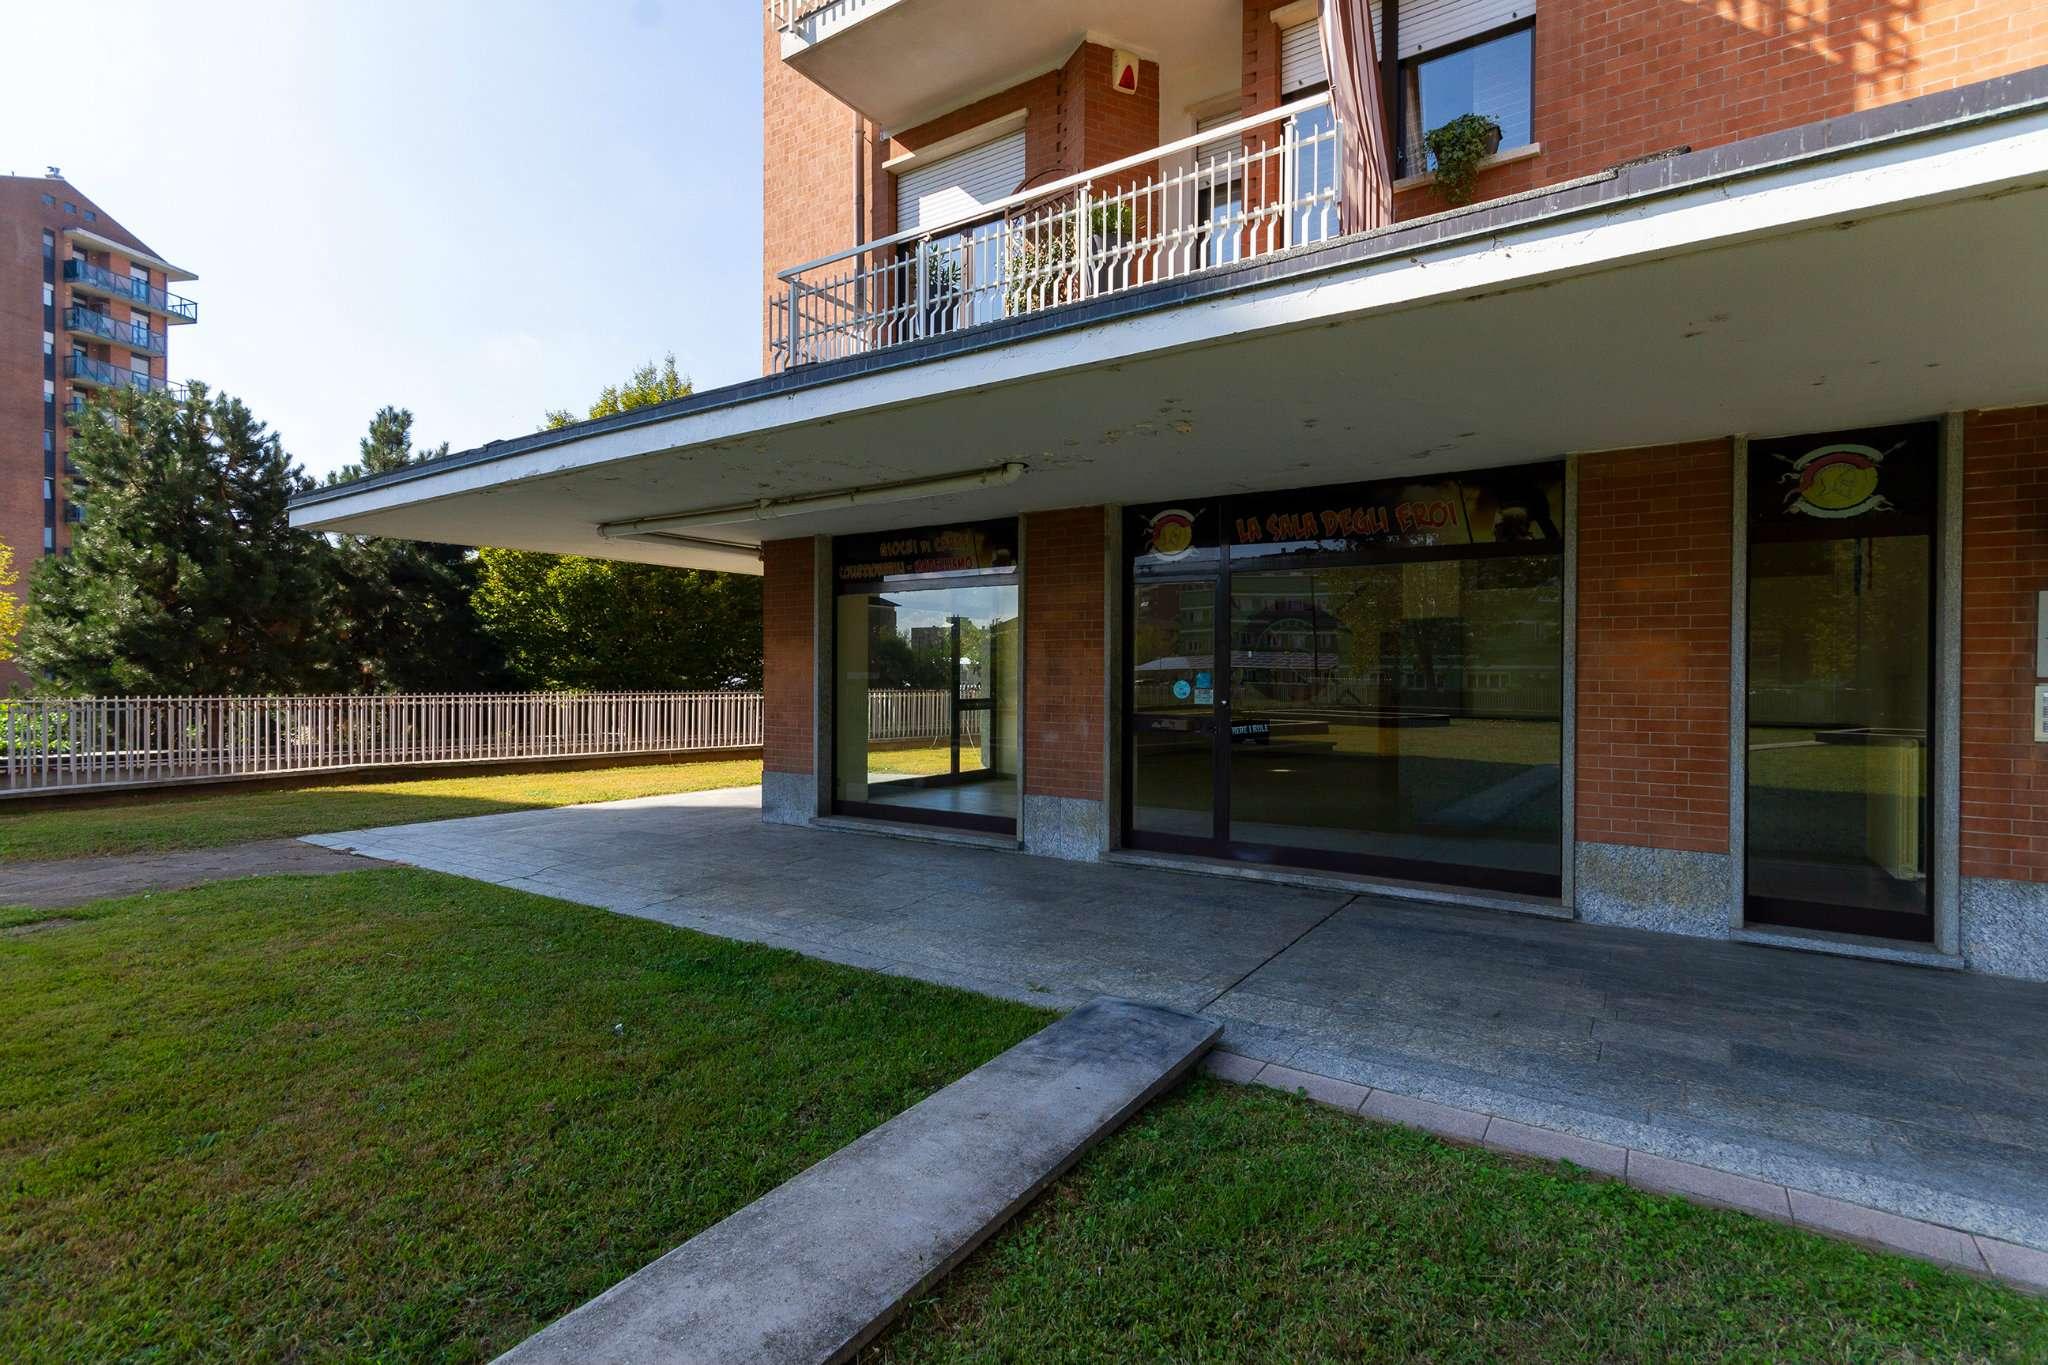 Negozio / Locale in vendita a Orbassano, 2 locali, prezzo € 89.000 | PortaleAgenzieImmobiliari.it